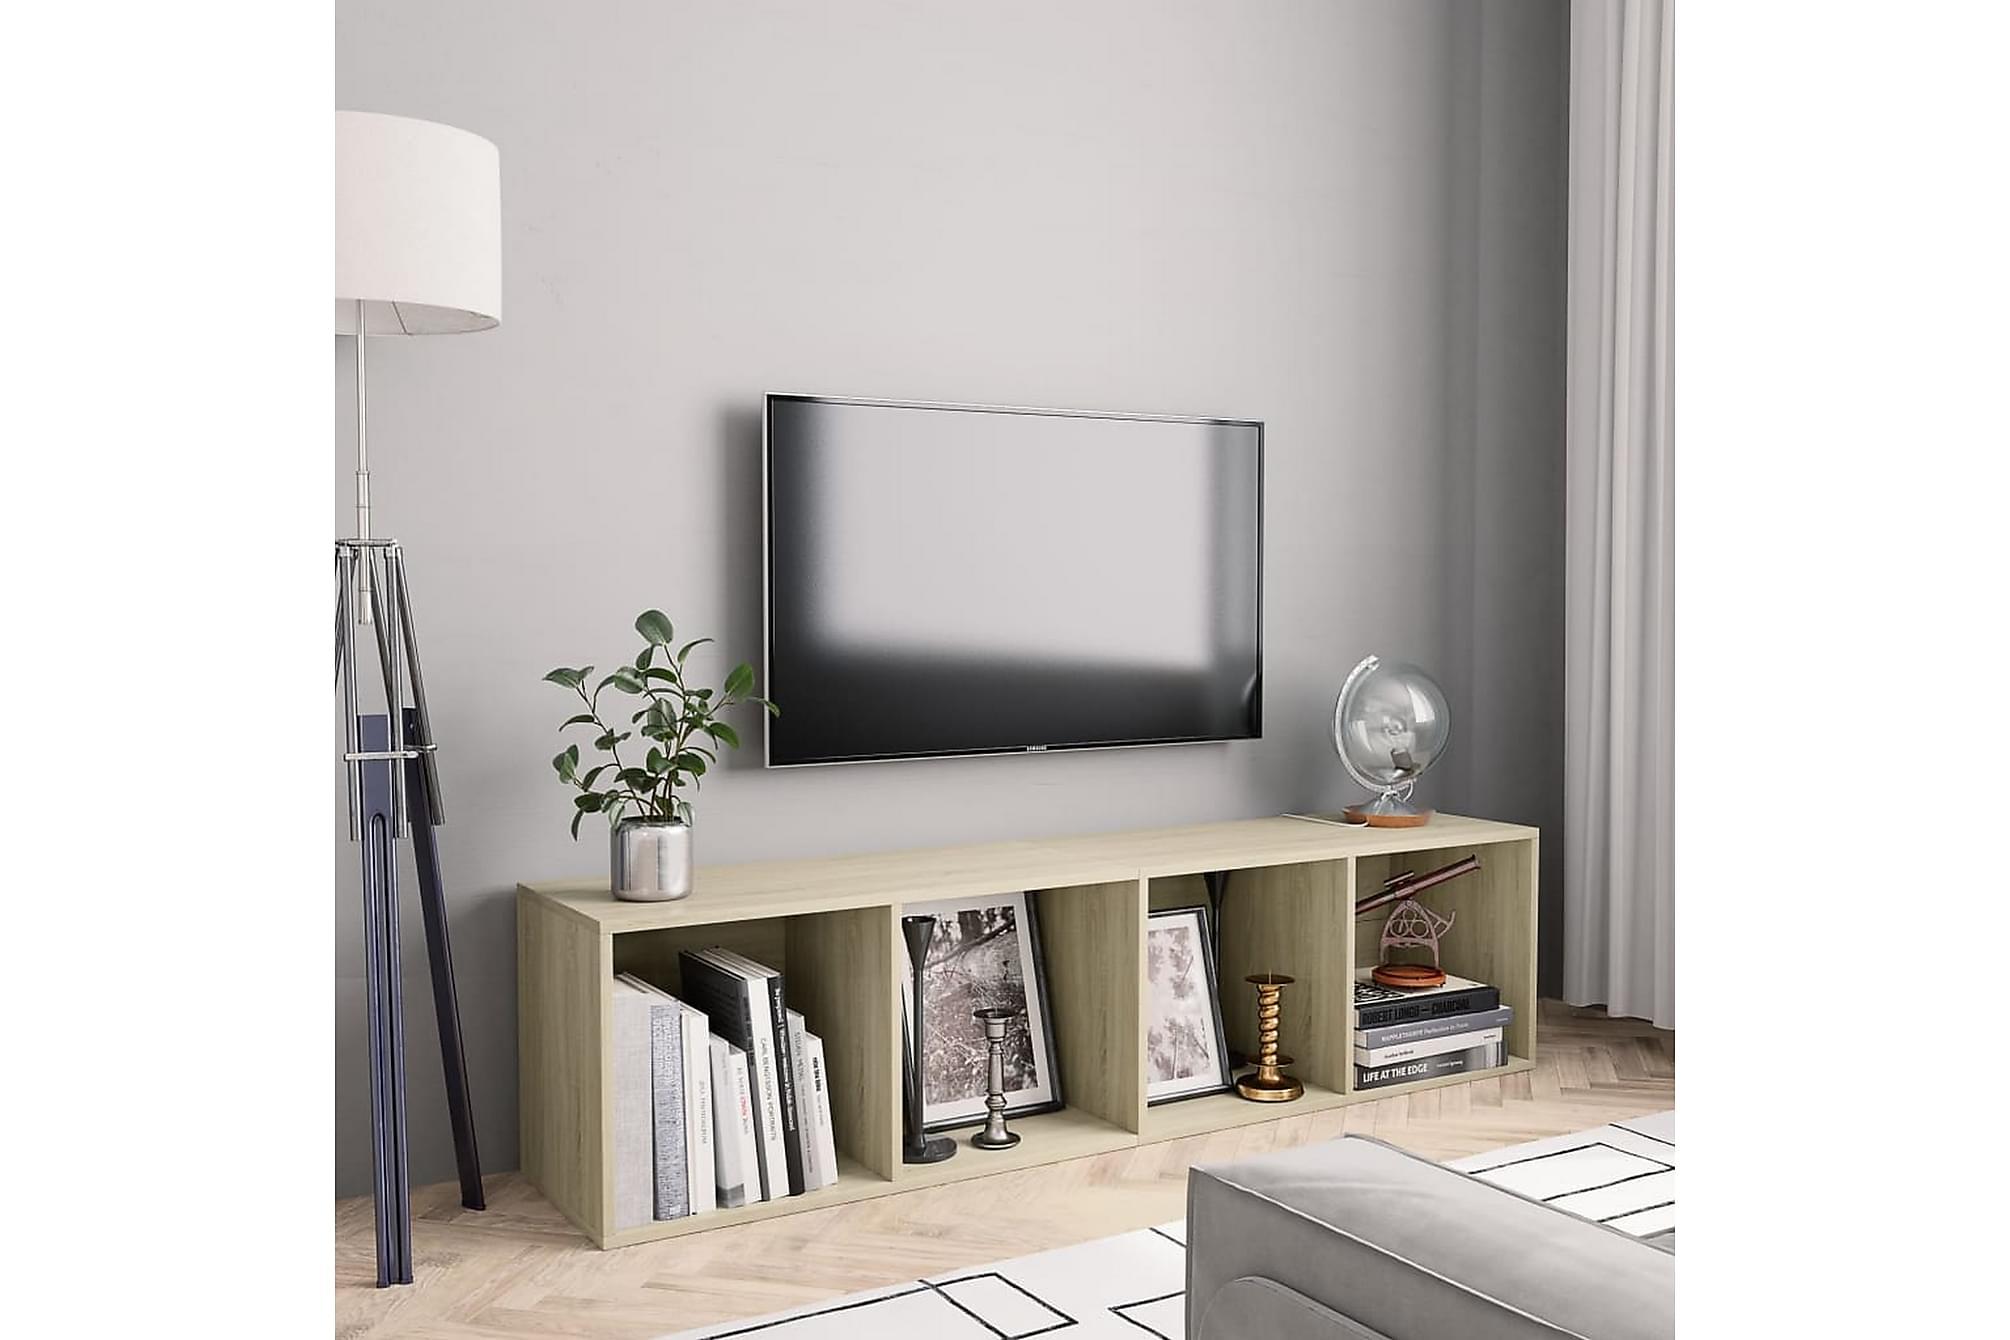 Bokhylla/TV-bänk sonoma-ek 143x30x36 cm, Tv-bänkar